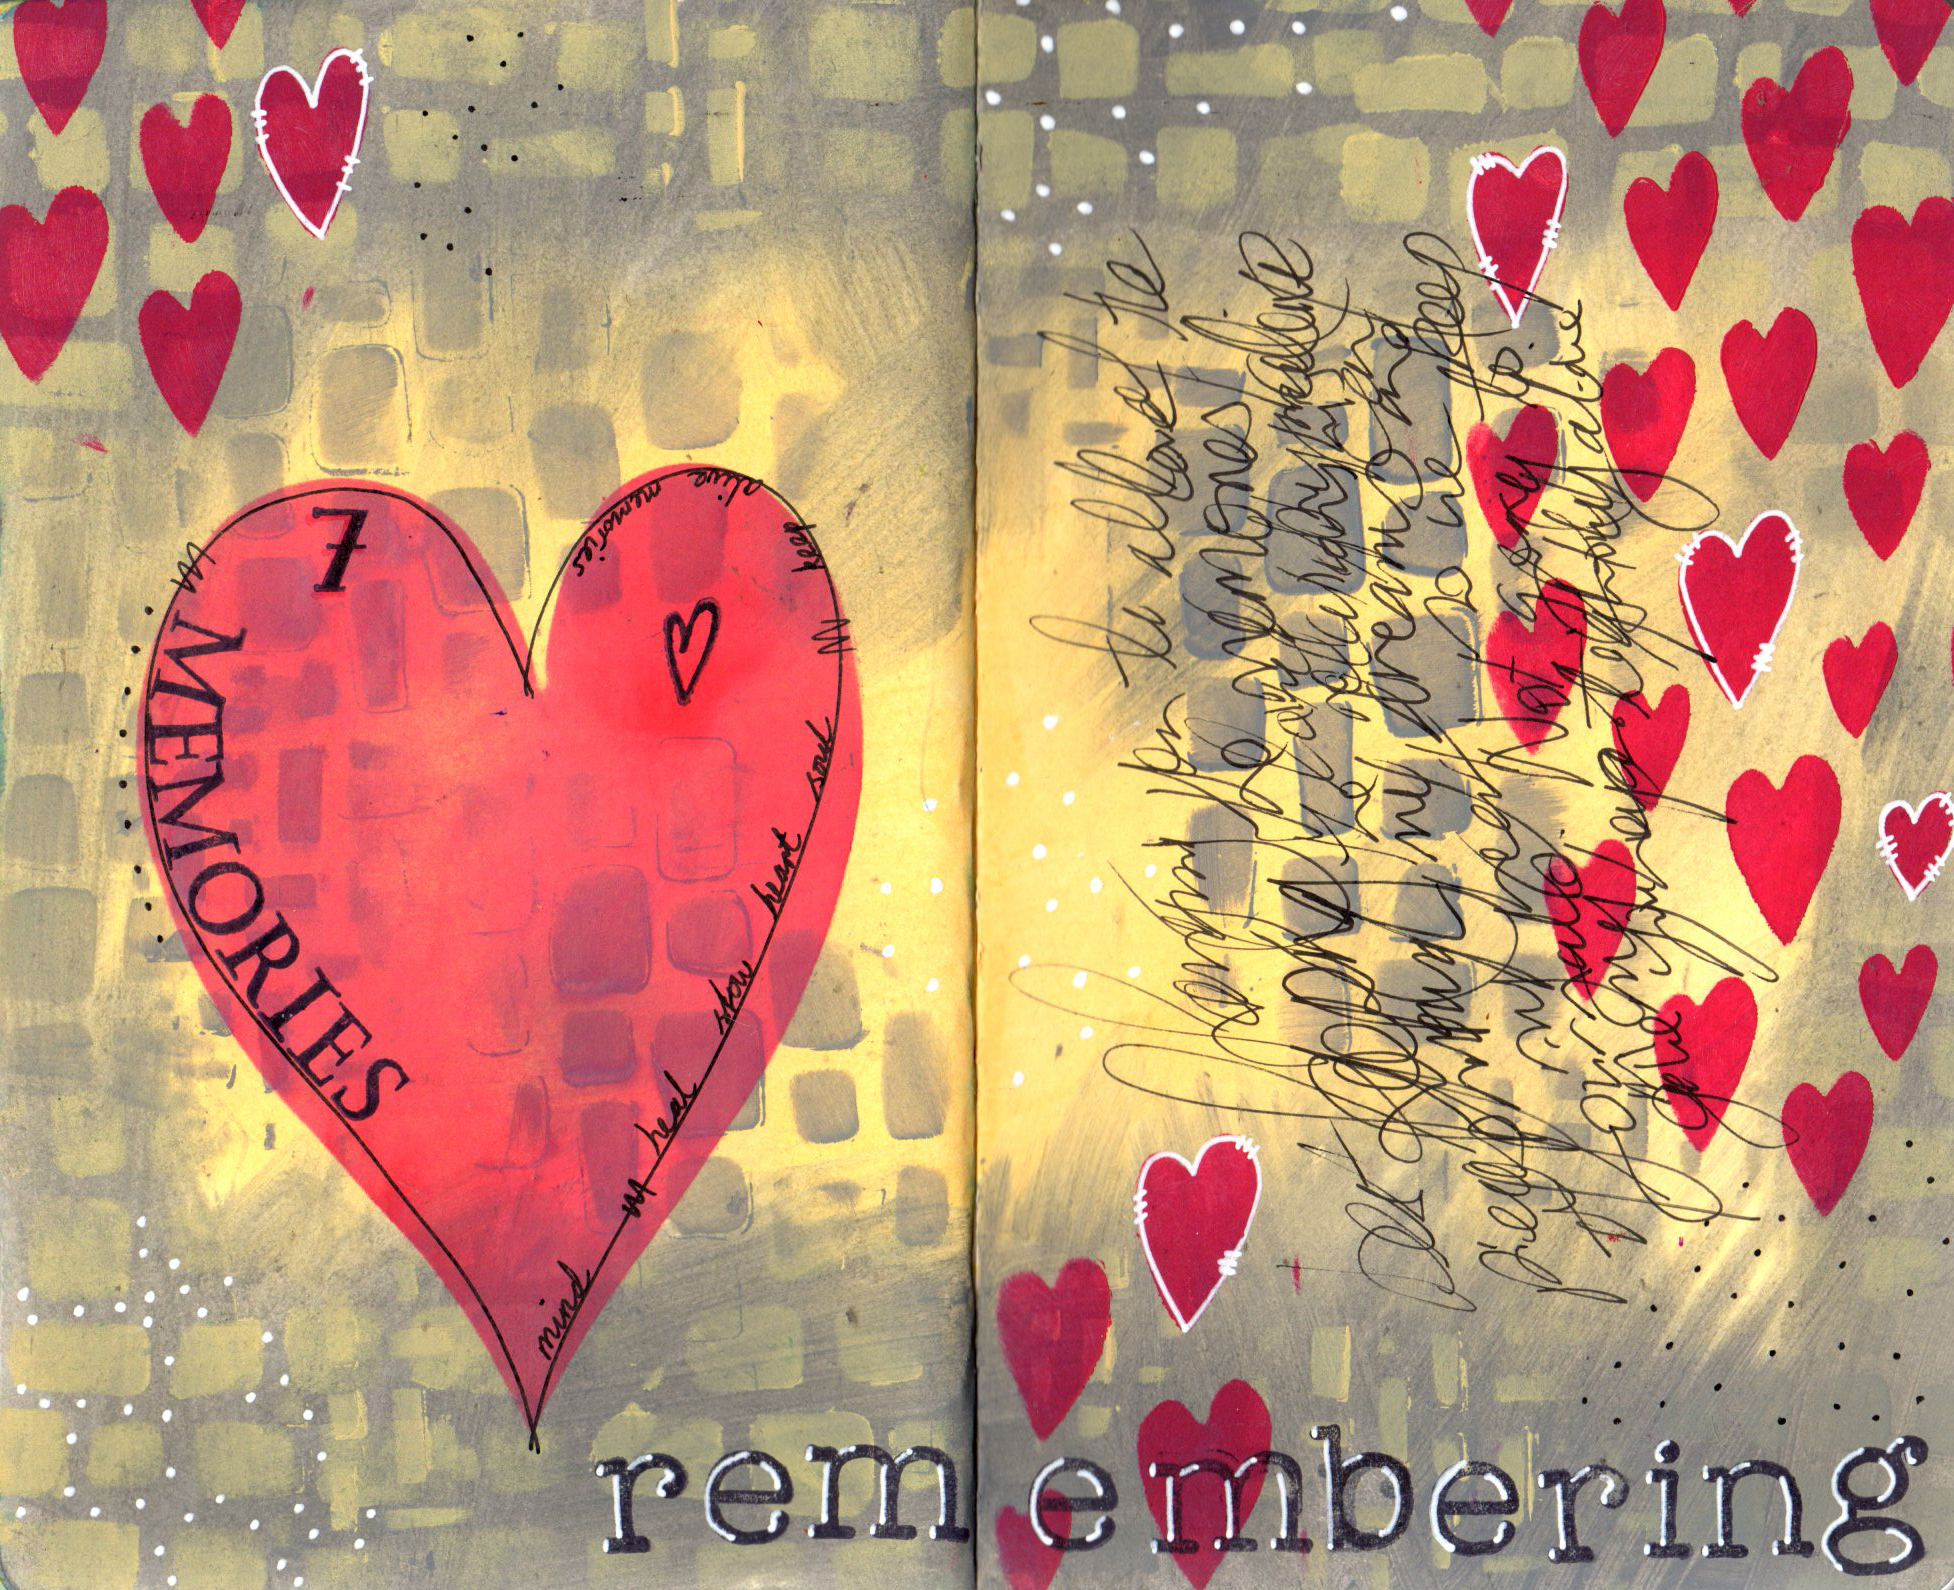 memoris and remembering 20121208